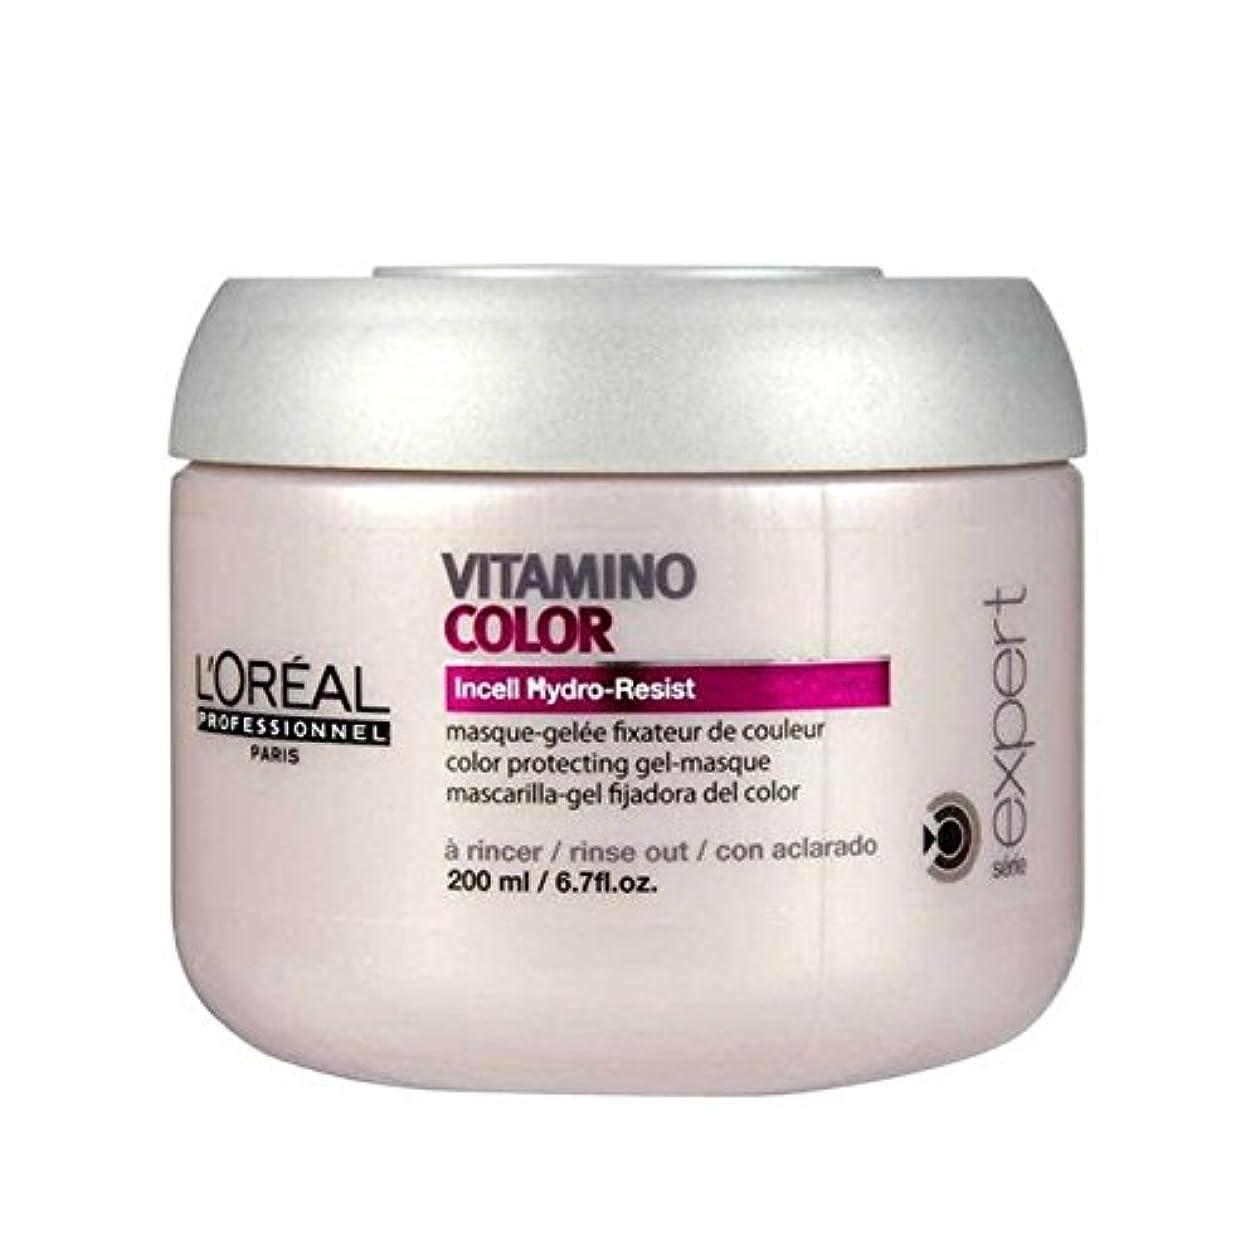 巻き戻すキロメートルフィードバックL'Oreal Professionnel Serie Expert Vitamino Color Masque (200ml) - ロレアルのプロフェッショナルは、専門家カラー仮面劇(200ミリリットル)をセリエ [並行輸入品]